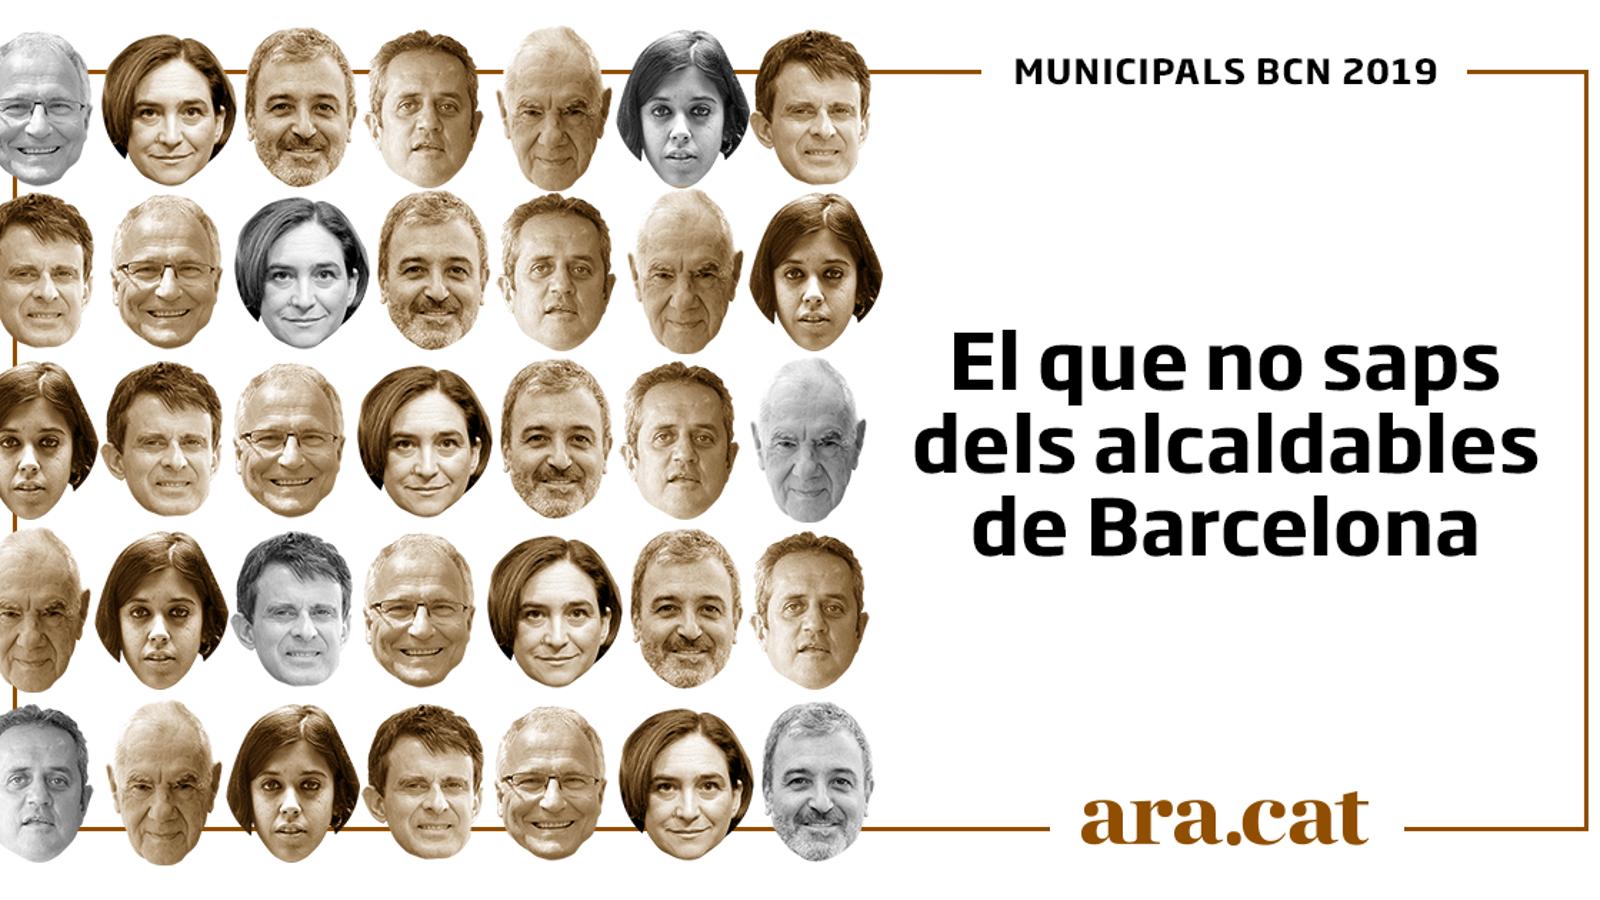 El que no saps dels alcaldables de Barcelona